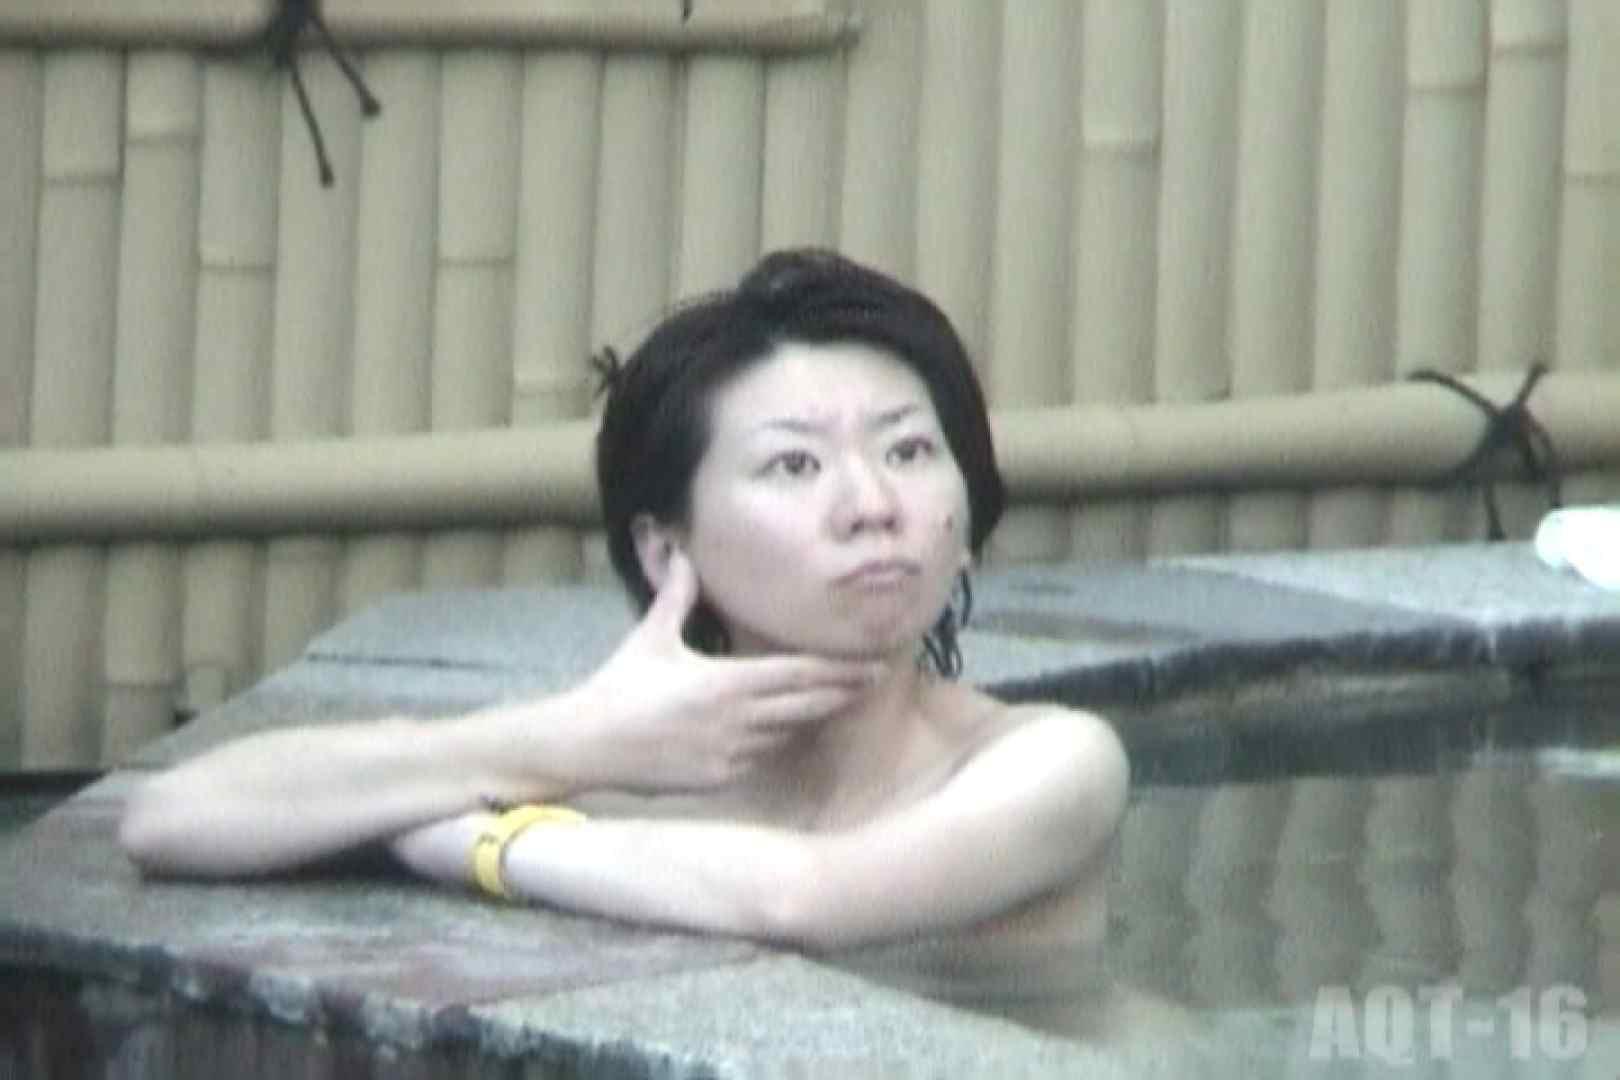 Aquaな露天風呂Vol.842 盗撮師作品   美しいOLの裸体  96pic 94